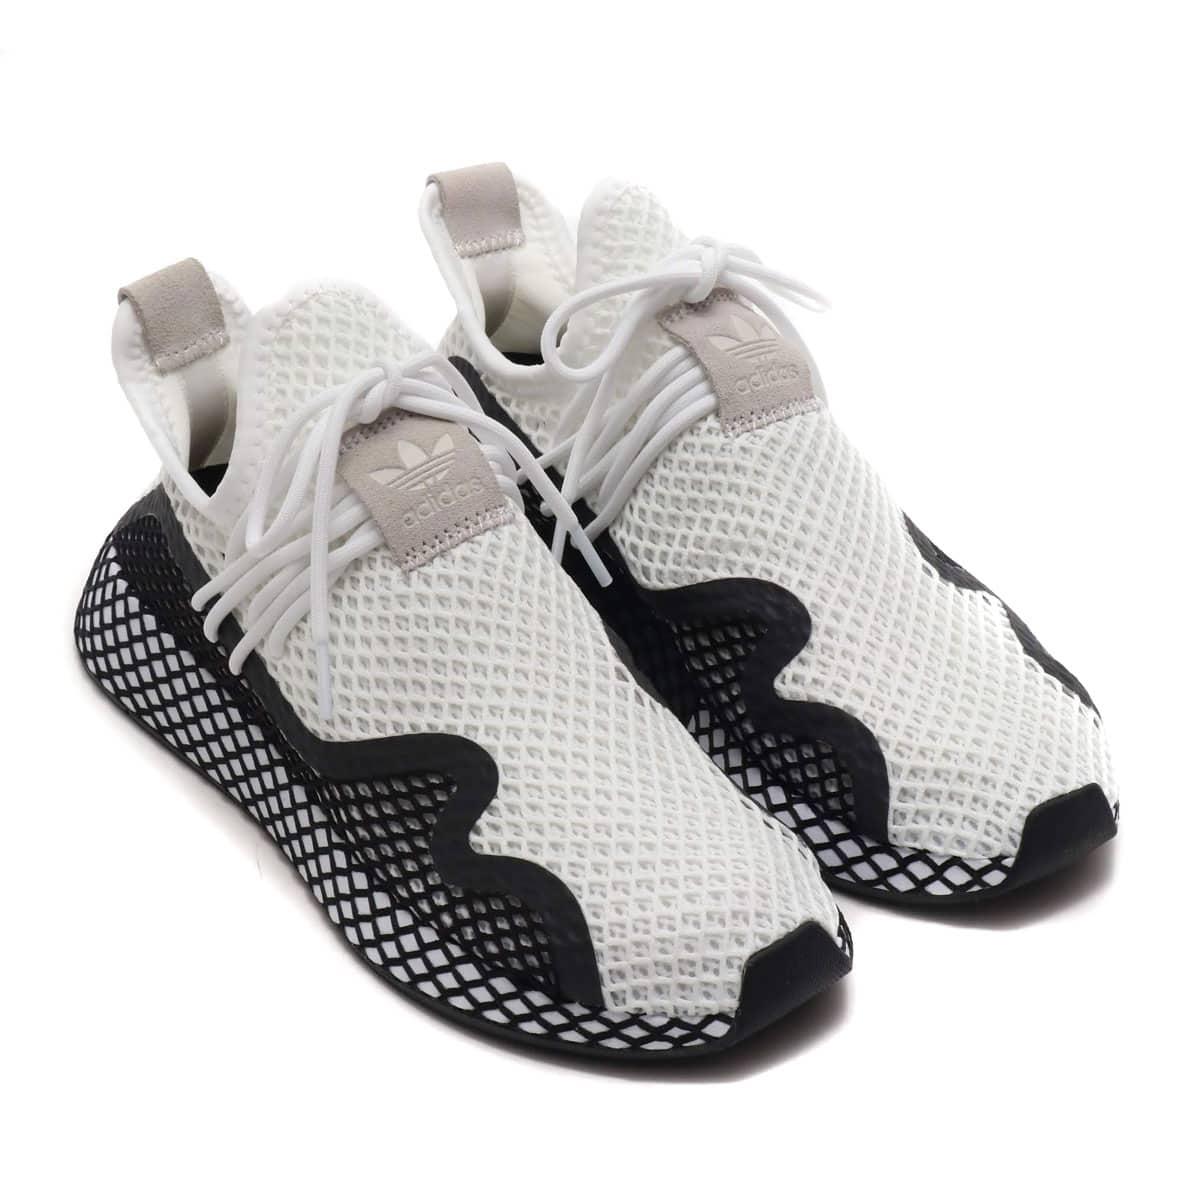 adidas Originals DEERUPT NEW RUNNER RUNNING WHITE/CORE BLACK/RUNNING WHITE 19SS-I_photo_large